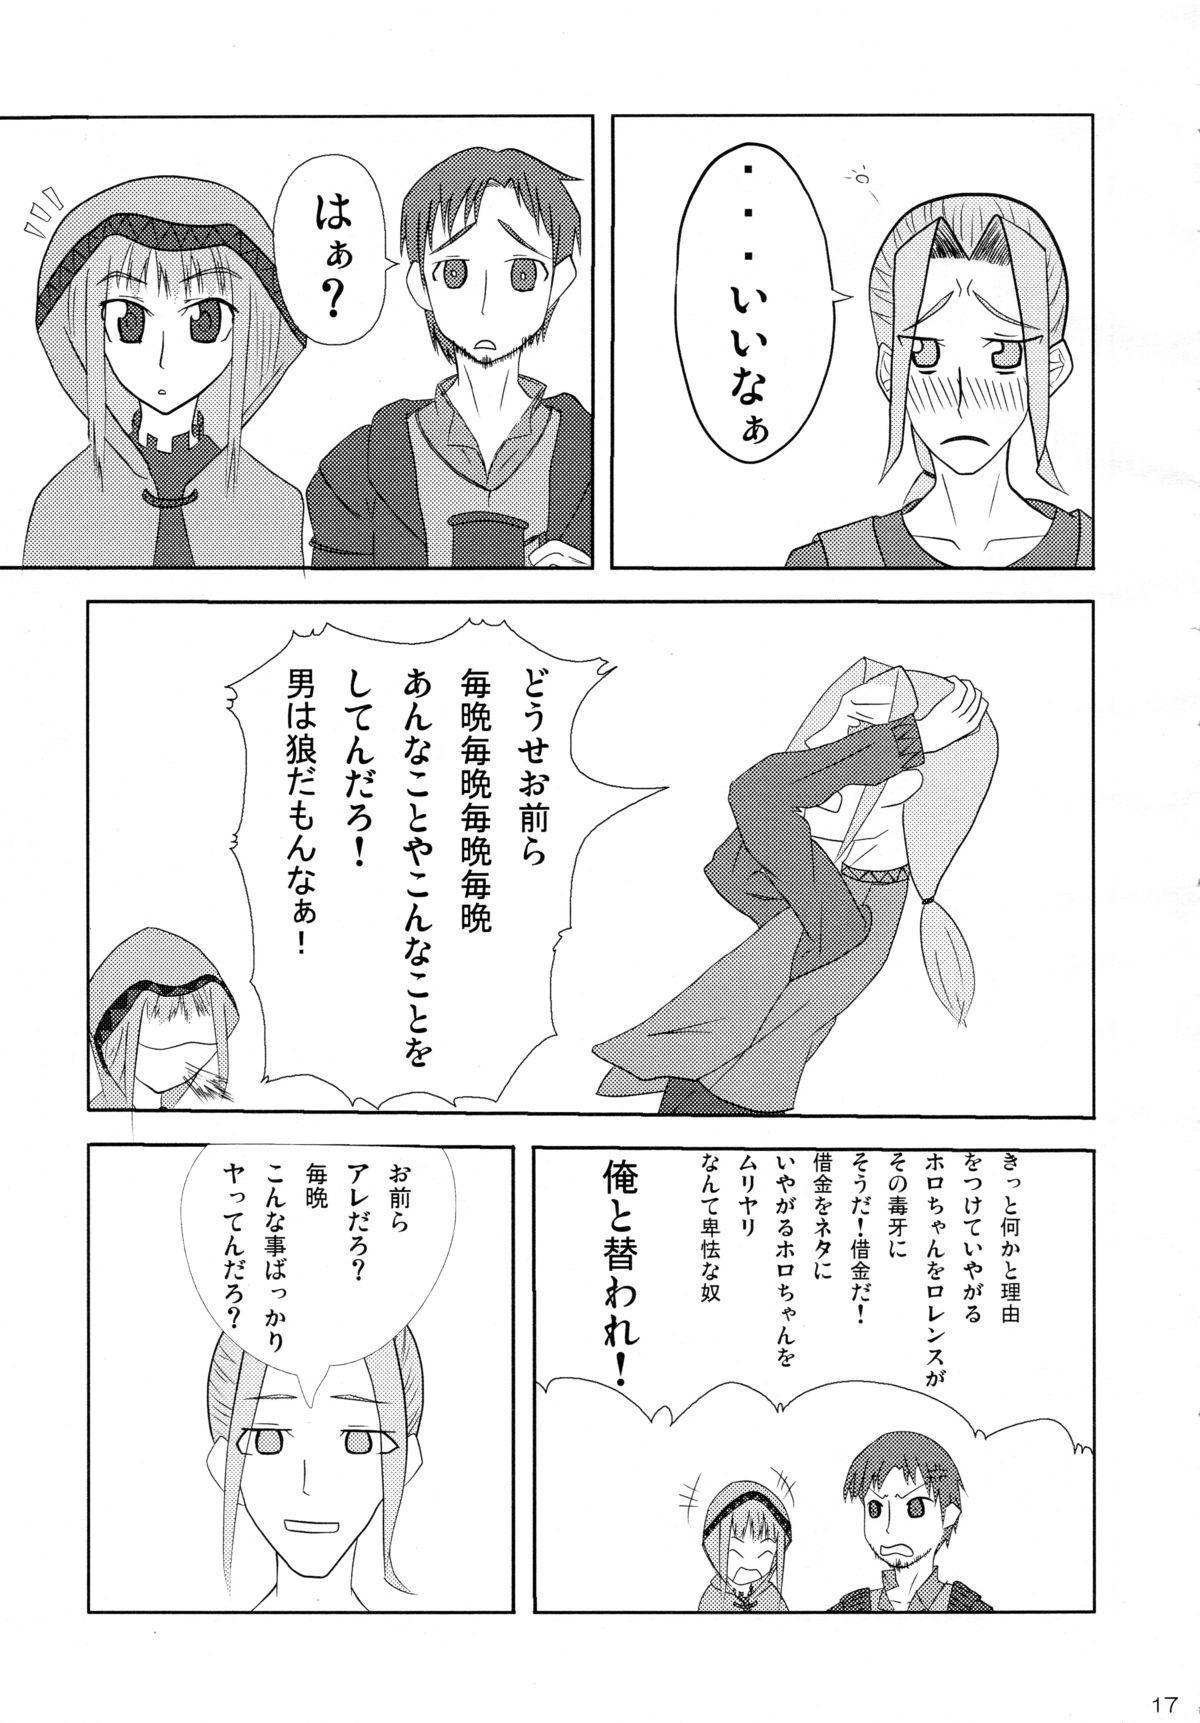 Ookami to Ringo no Hachimitsuzuke 16